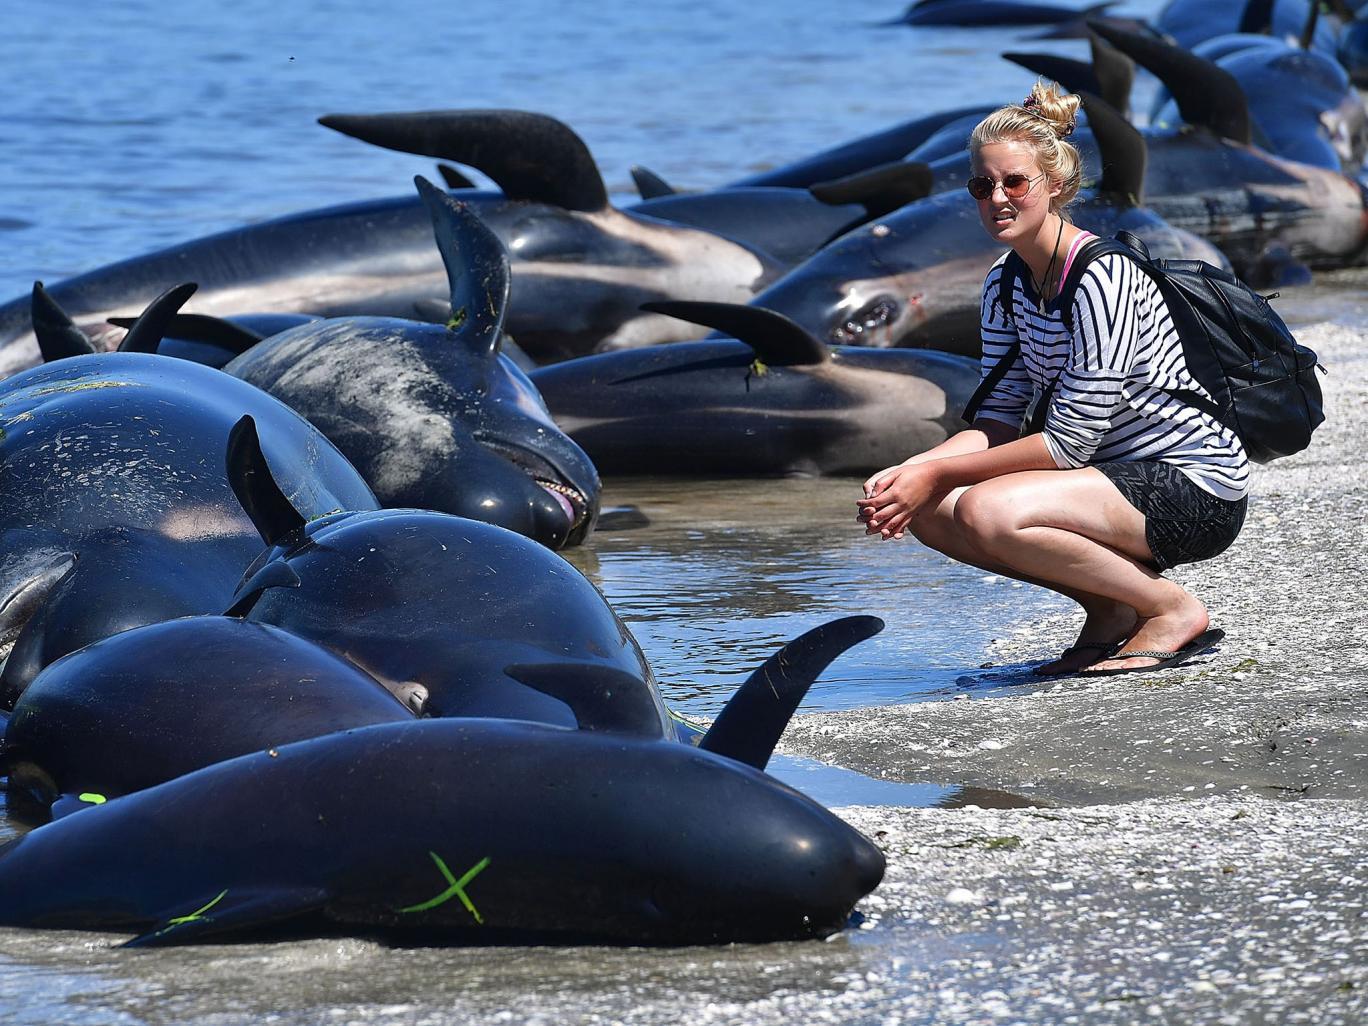 New Zealand đối phó 400 xác cá voi sắp phát nổ - 4